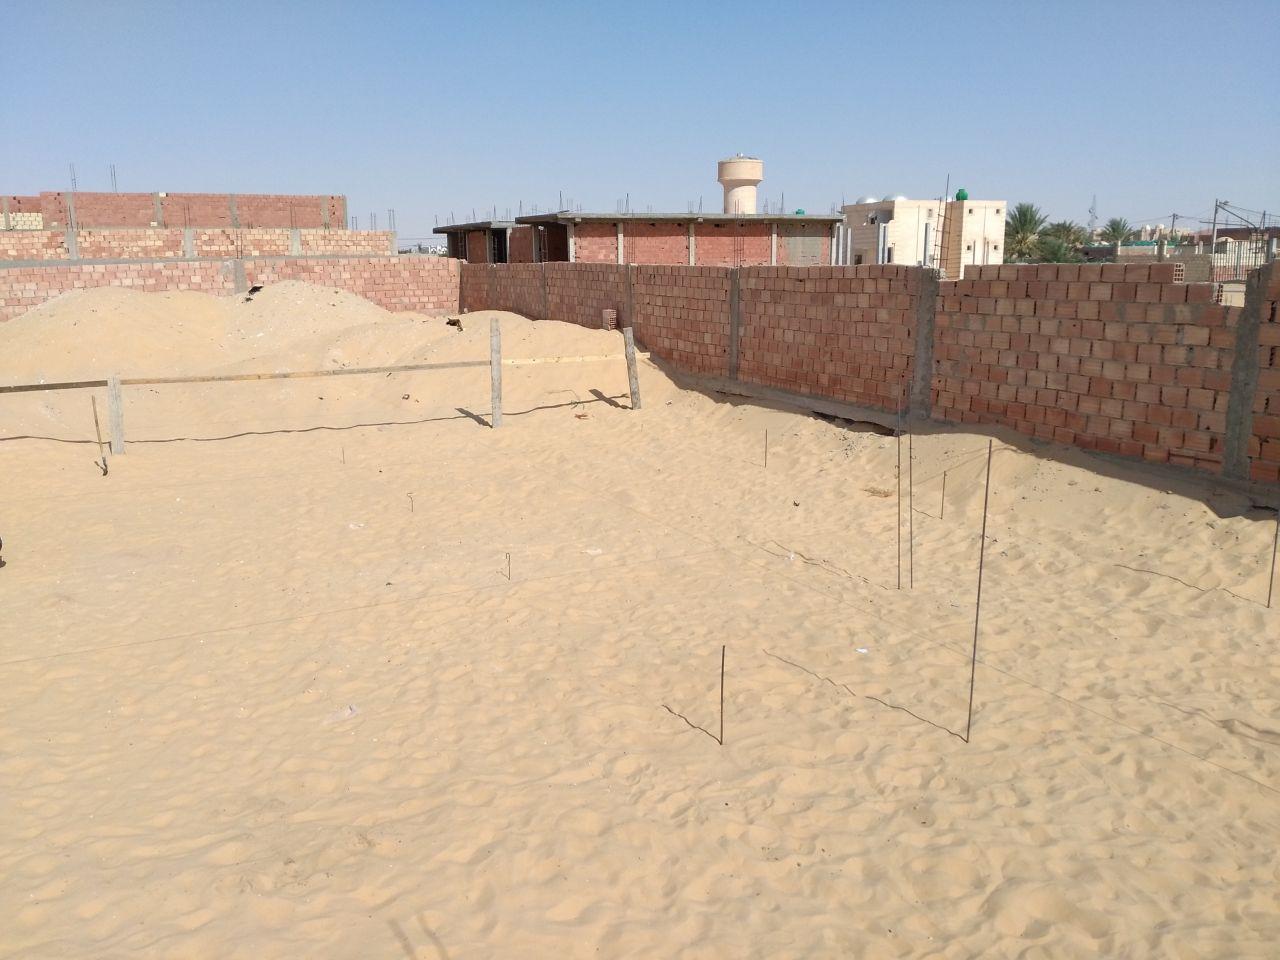 Début des travaux, délimitation de la zone et quadrillage à base de fils de fer pour marquer l'emplacement des futurs poteaux.